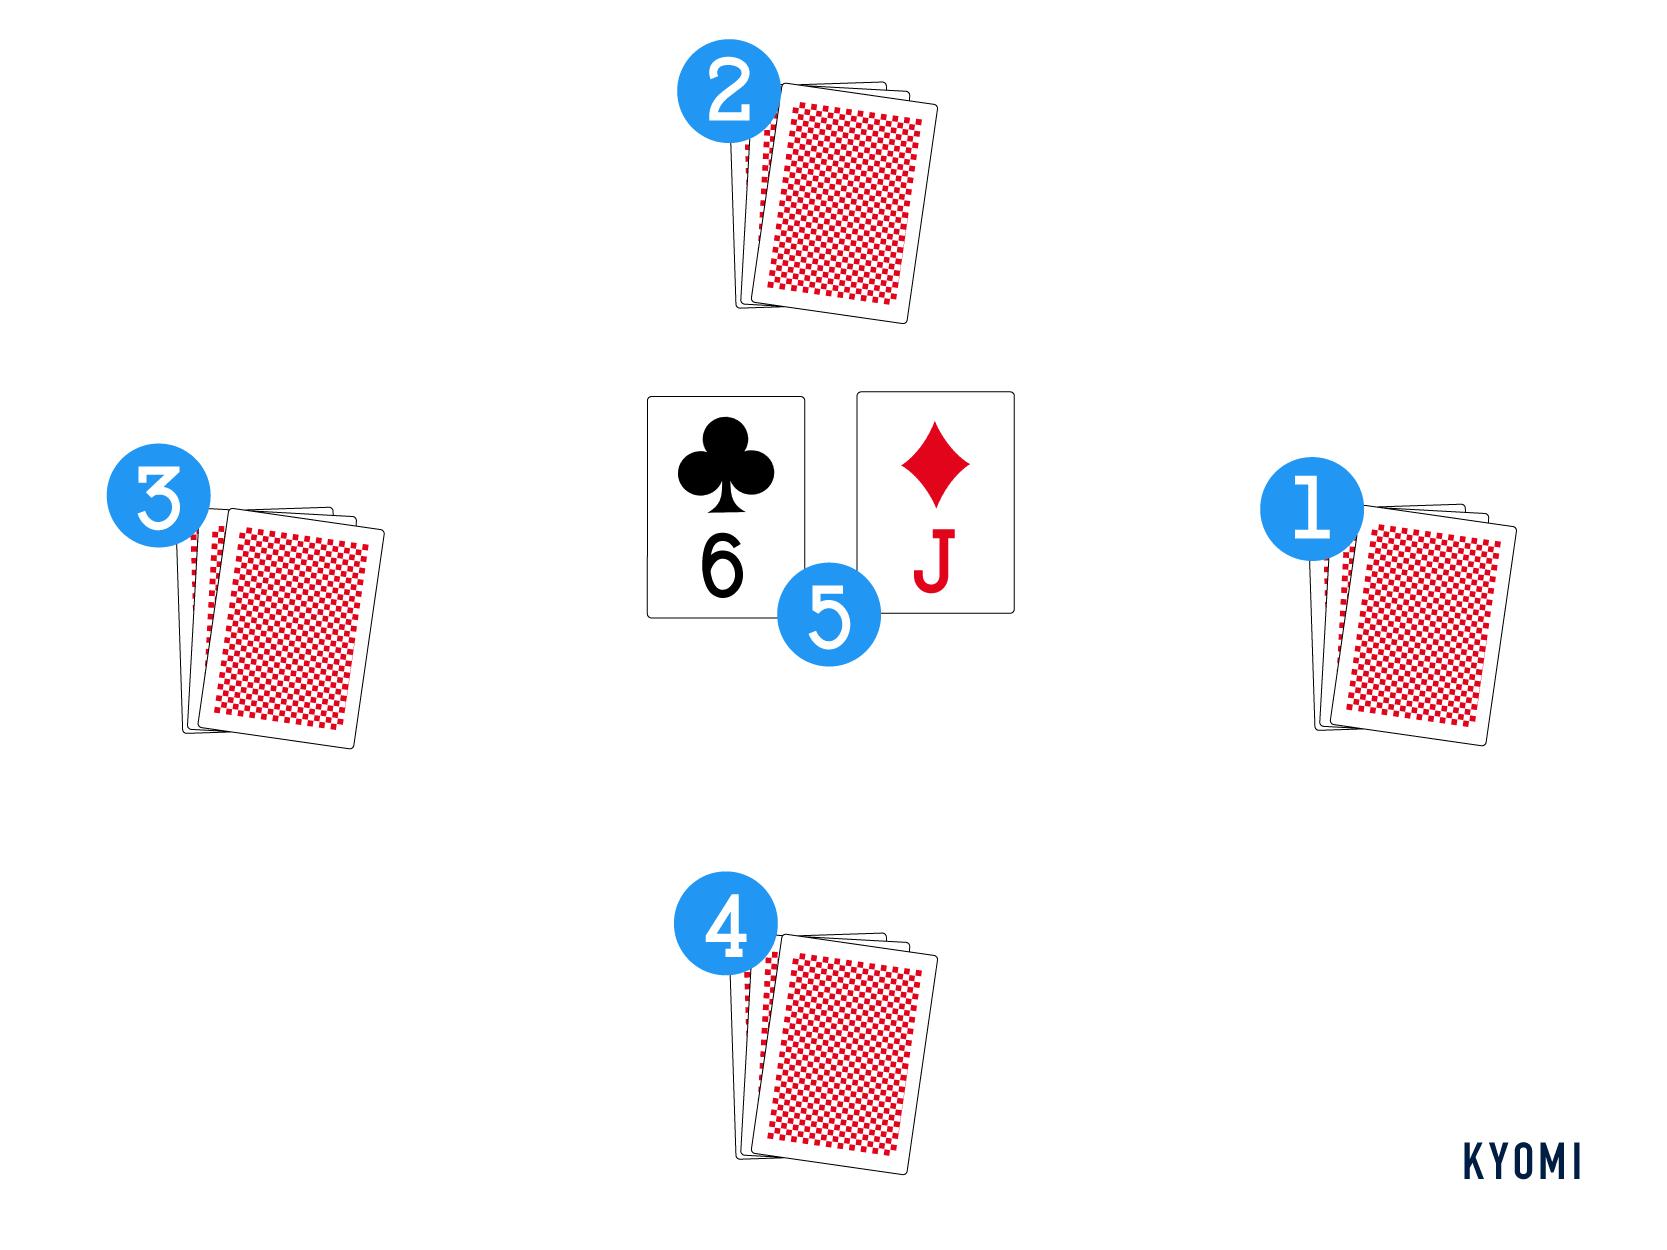 スコポーネ-図-カードの配り方1